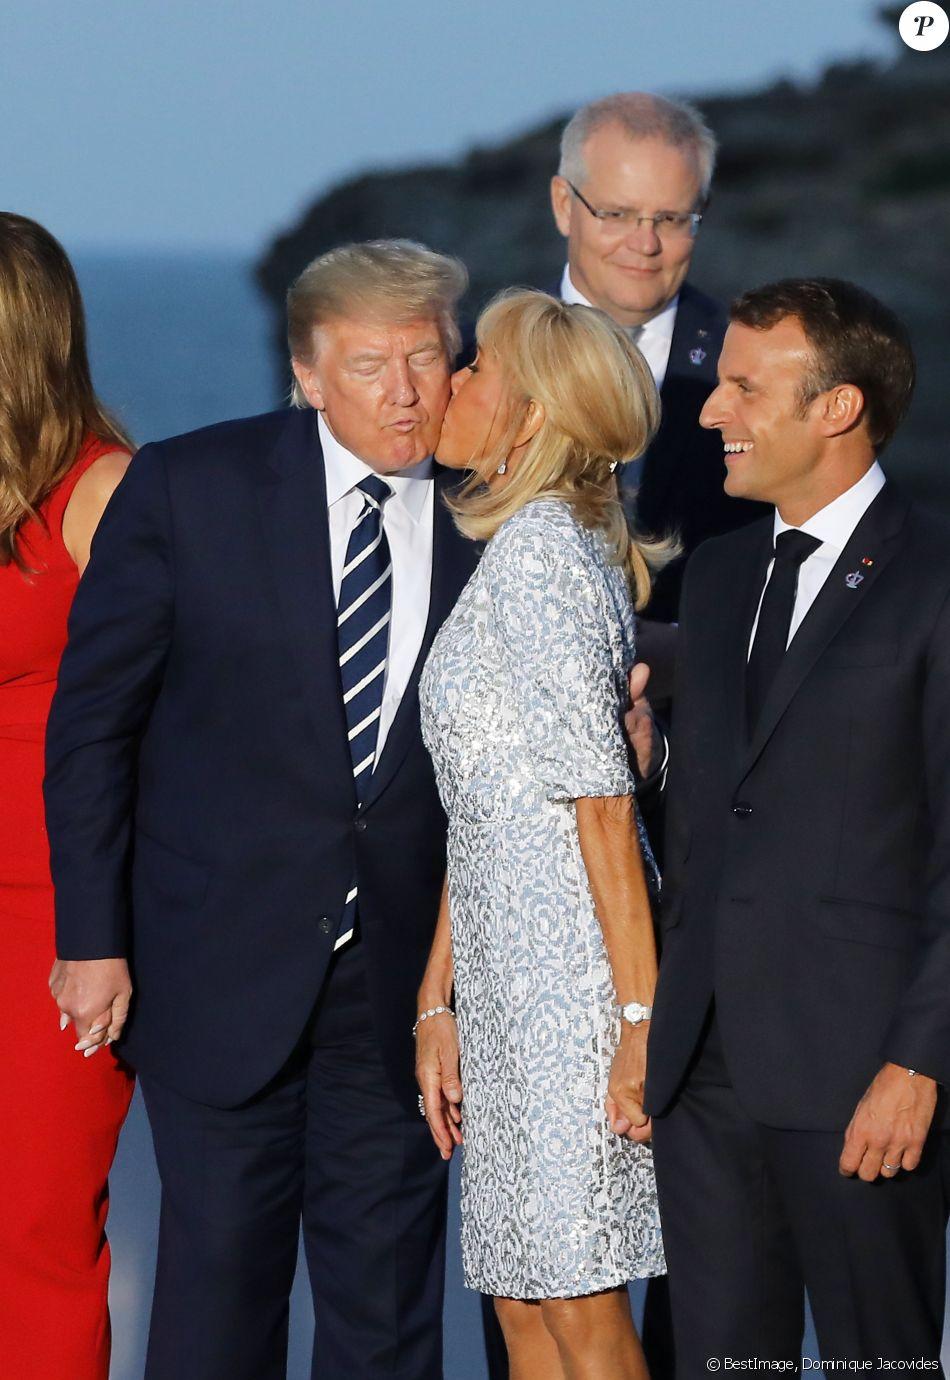 Le président américain Donald Trump, le président français Emmanuel Macron avec sa femme Brigitte Macron - Les dirigeants du G7 et leurs invités posent pour une photo de famille lors du sommet du G7 à Biarritz, France, le 25 août 2019. © Dominique Jacovides/Bestimage